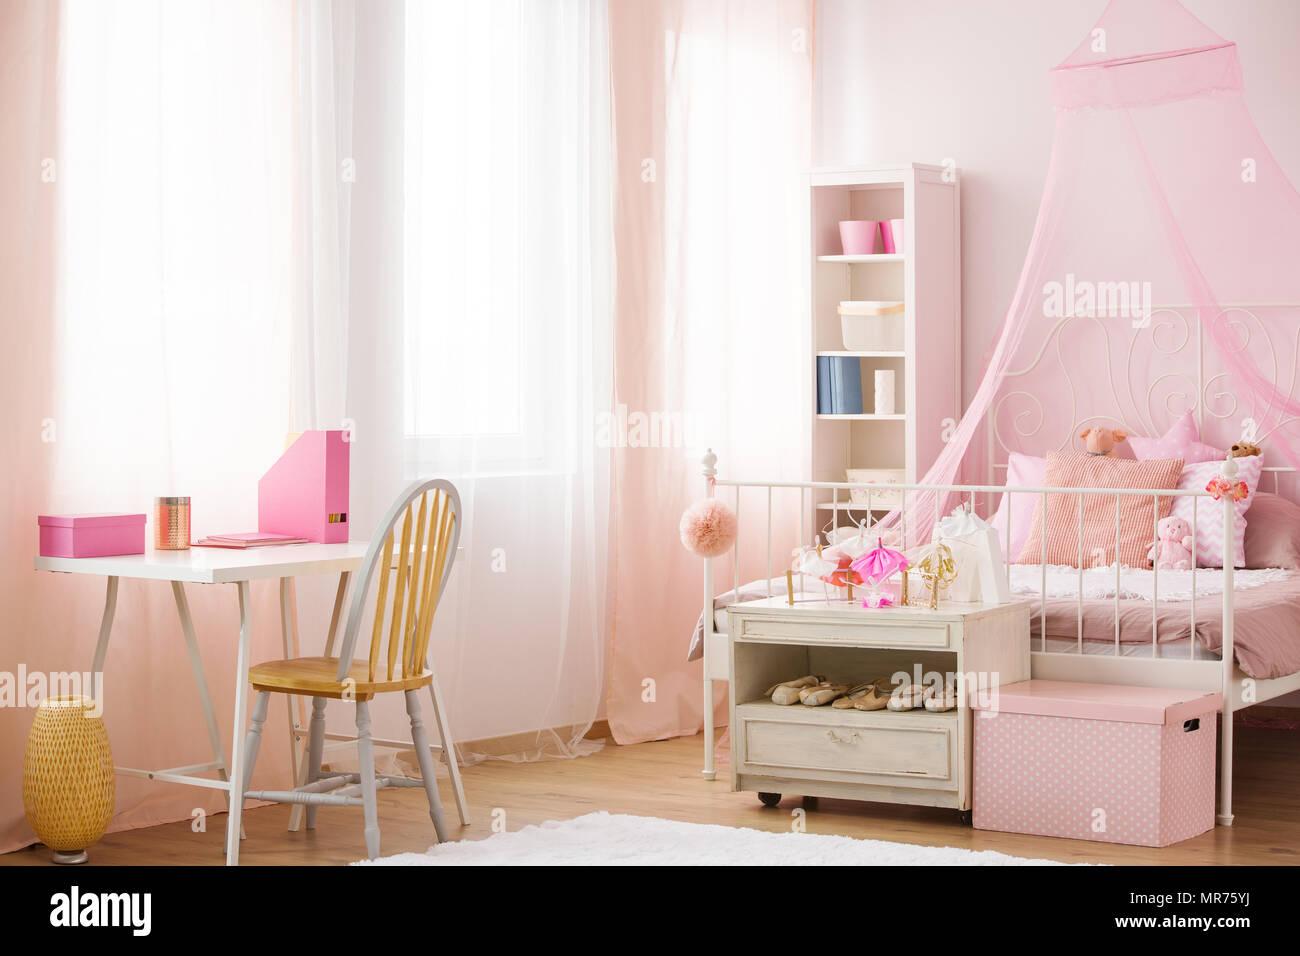 Letto A Baldacchino Rosa.Camera Da Letto Del Bambino Di Colore Rosa Con Letto A Baldacchino